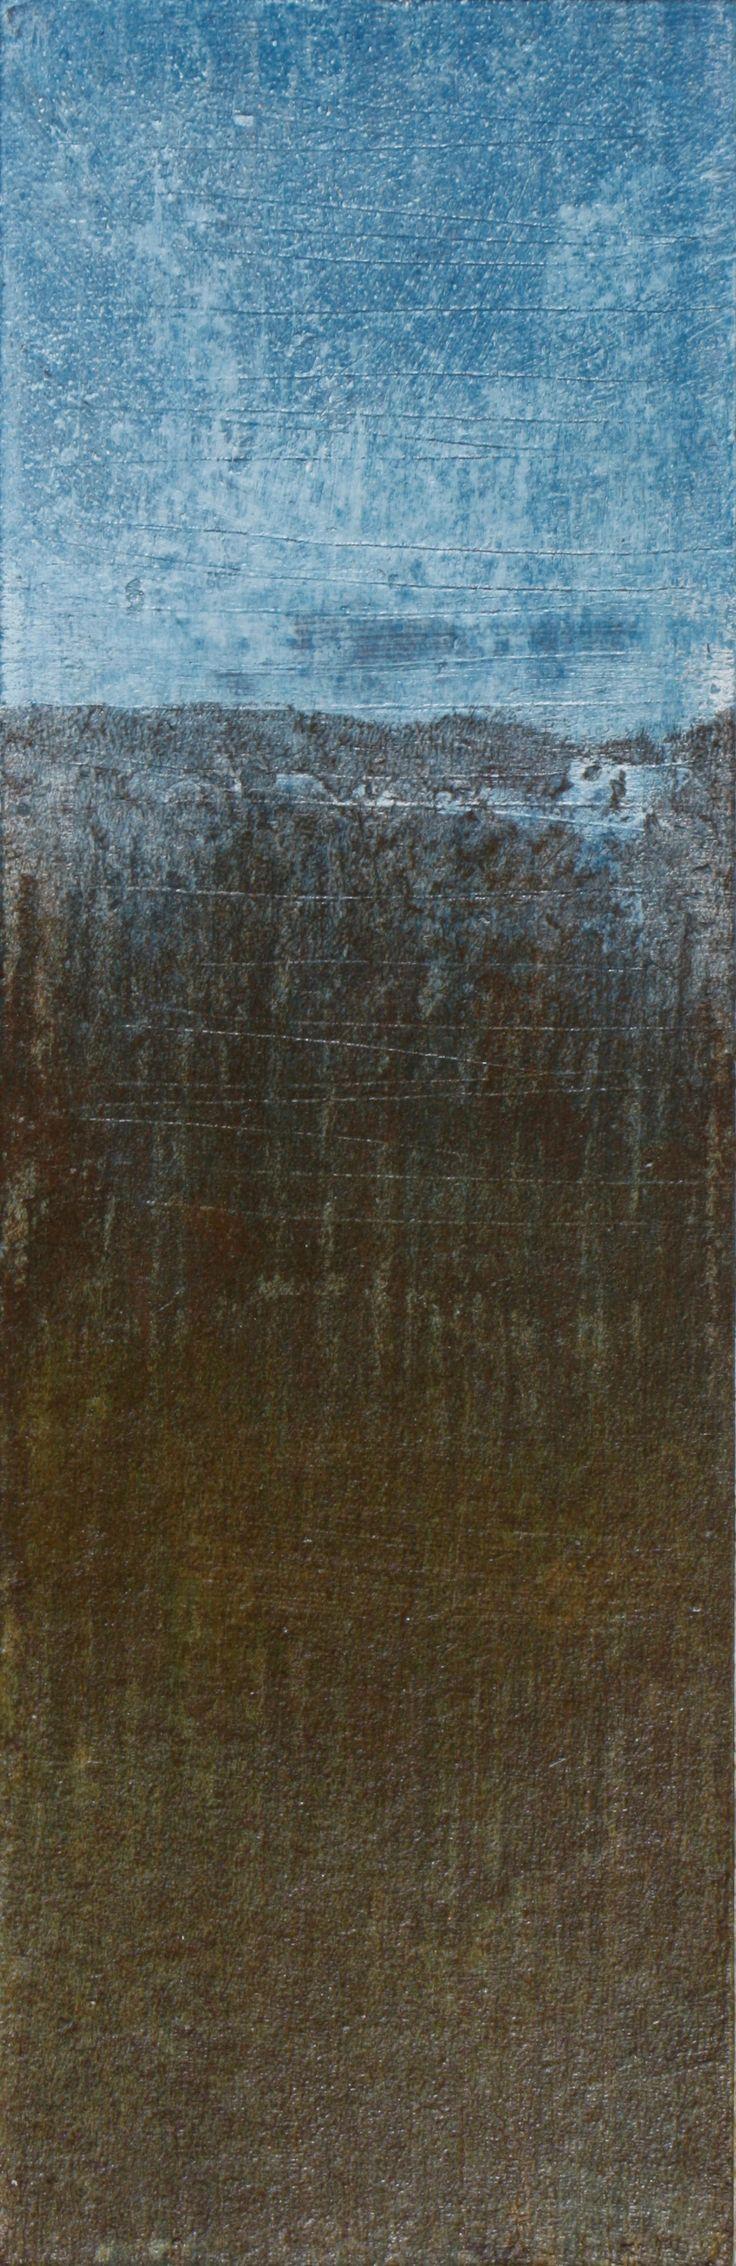 SEM TíÍTULO - Técnica mista sobre cartão -  37x12cm - 2016 - by Domingos Leite de Castro